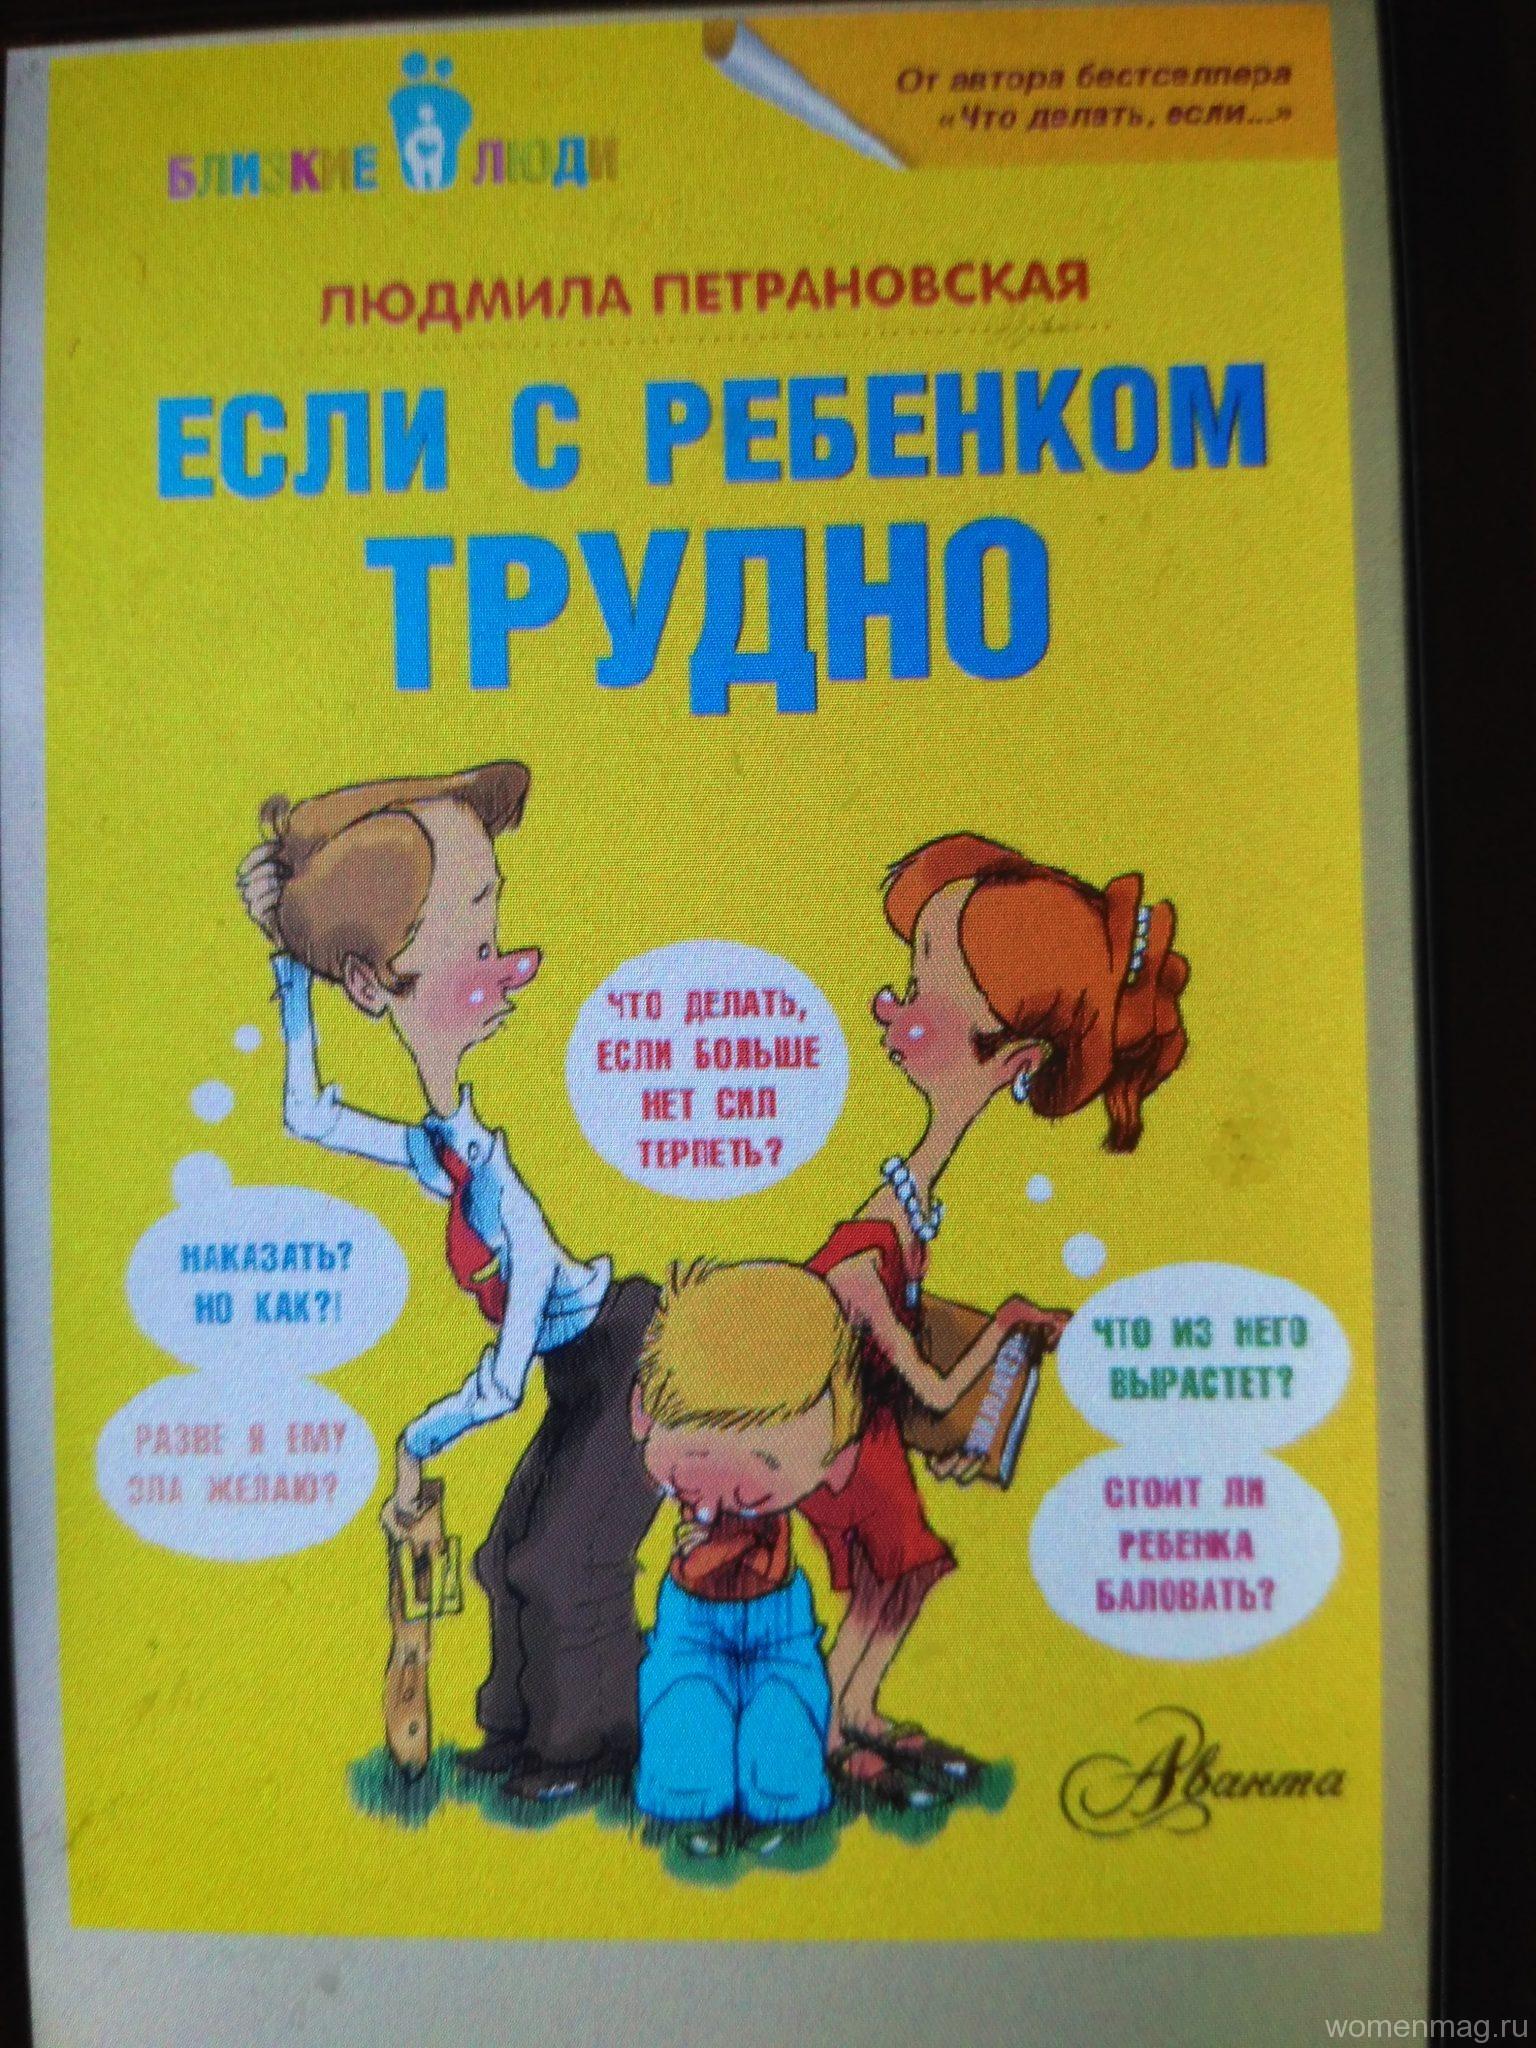 Книга Людмилы Петрановской «Если с ребенком трудно» («Близкие люди») издательства «Аванта». Отзыв